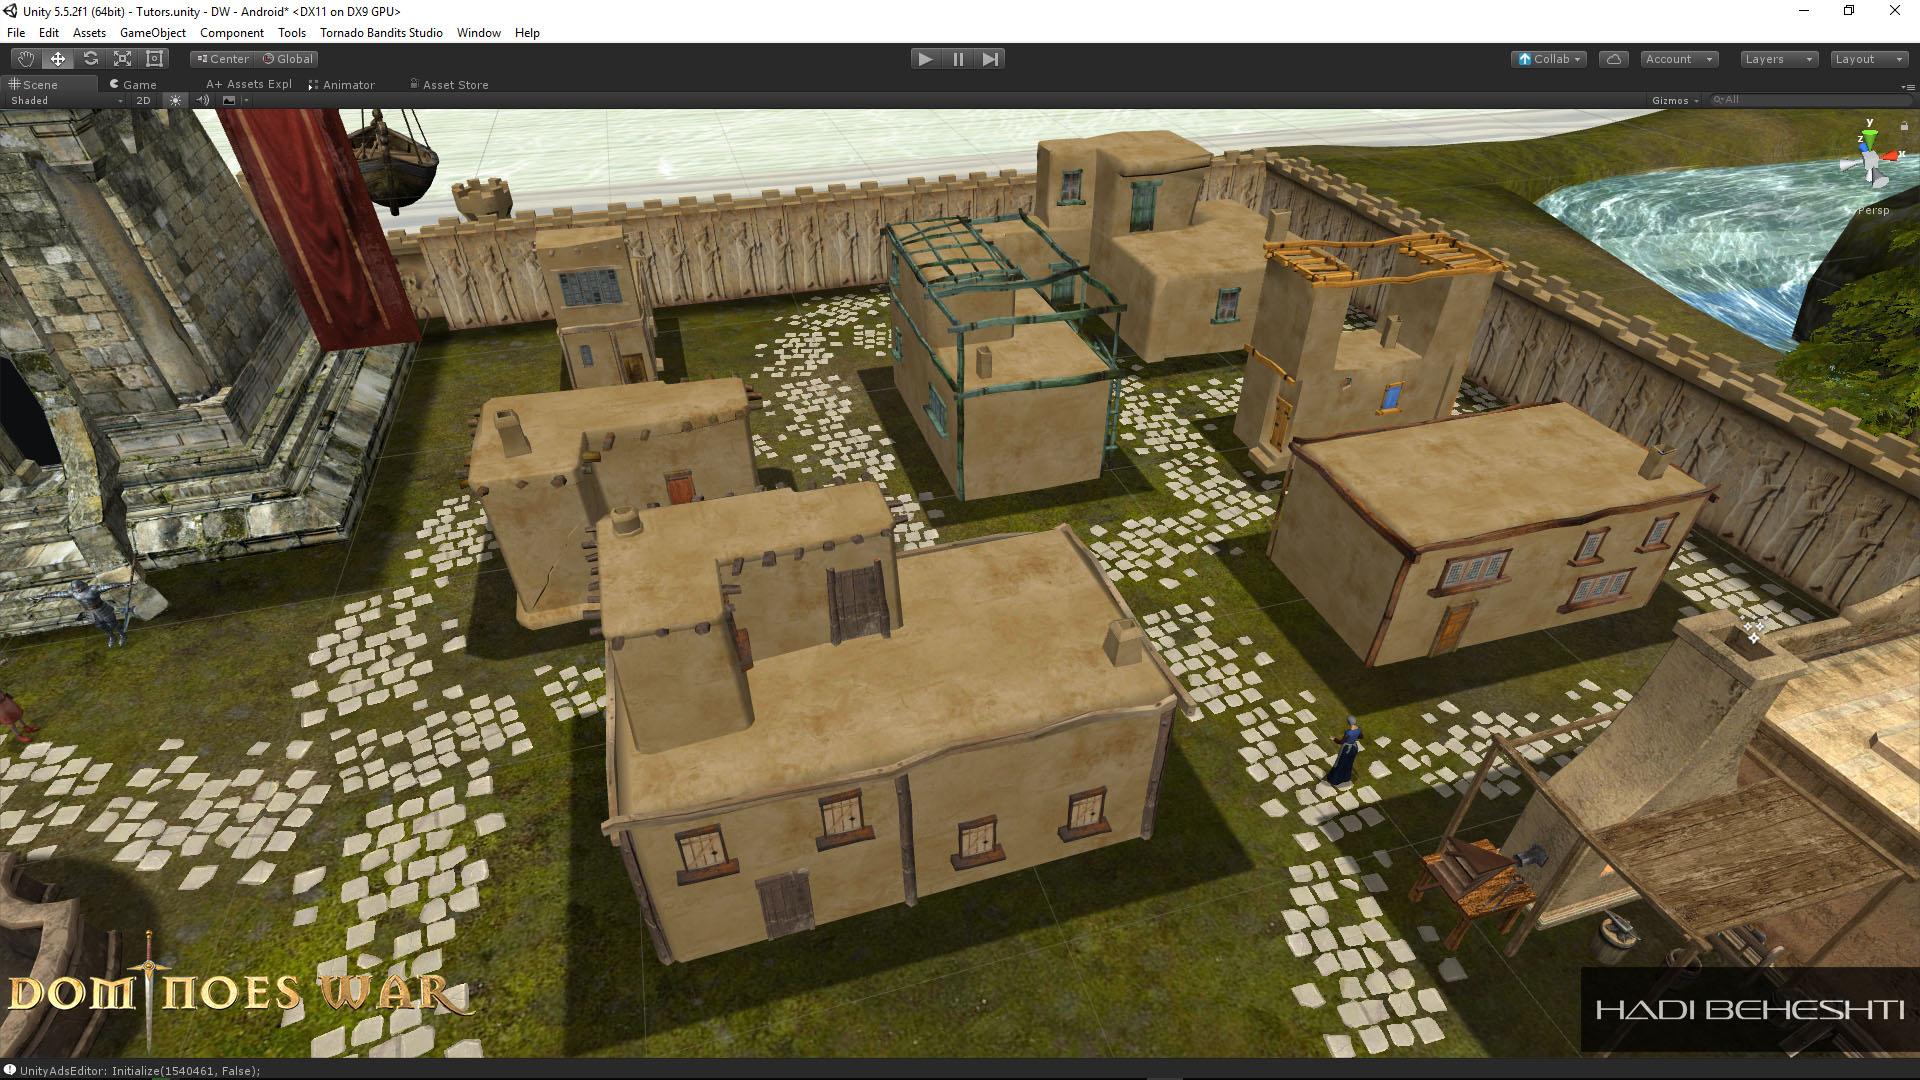 Dominoes War Game Hadi Beheshti CG Artist-8